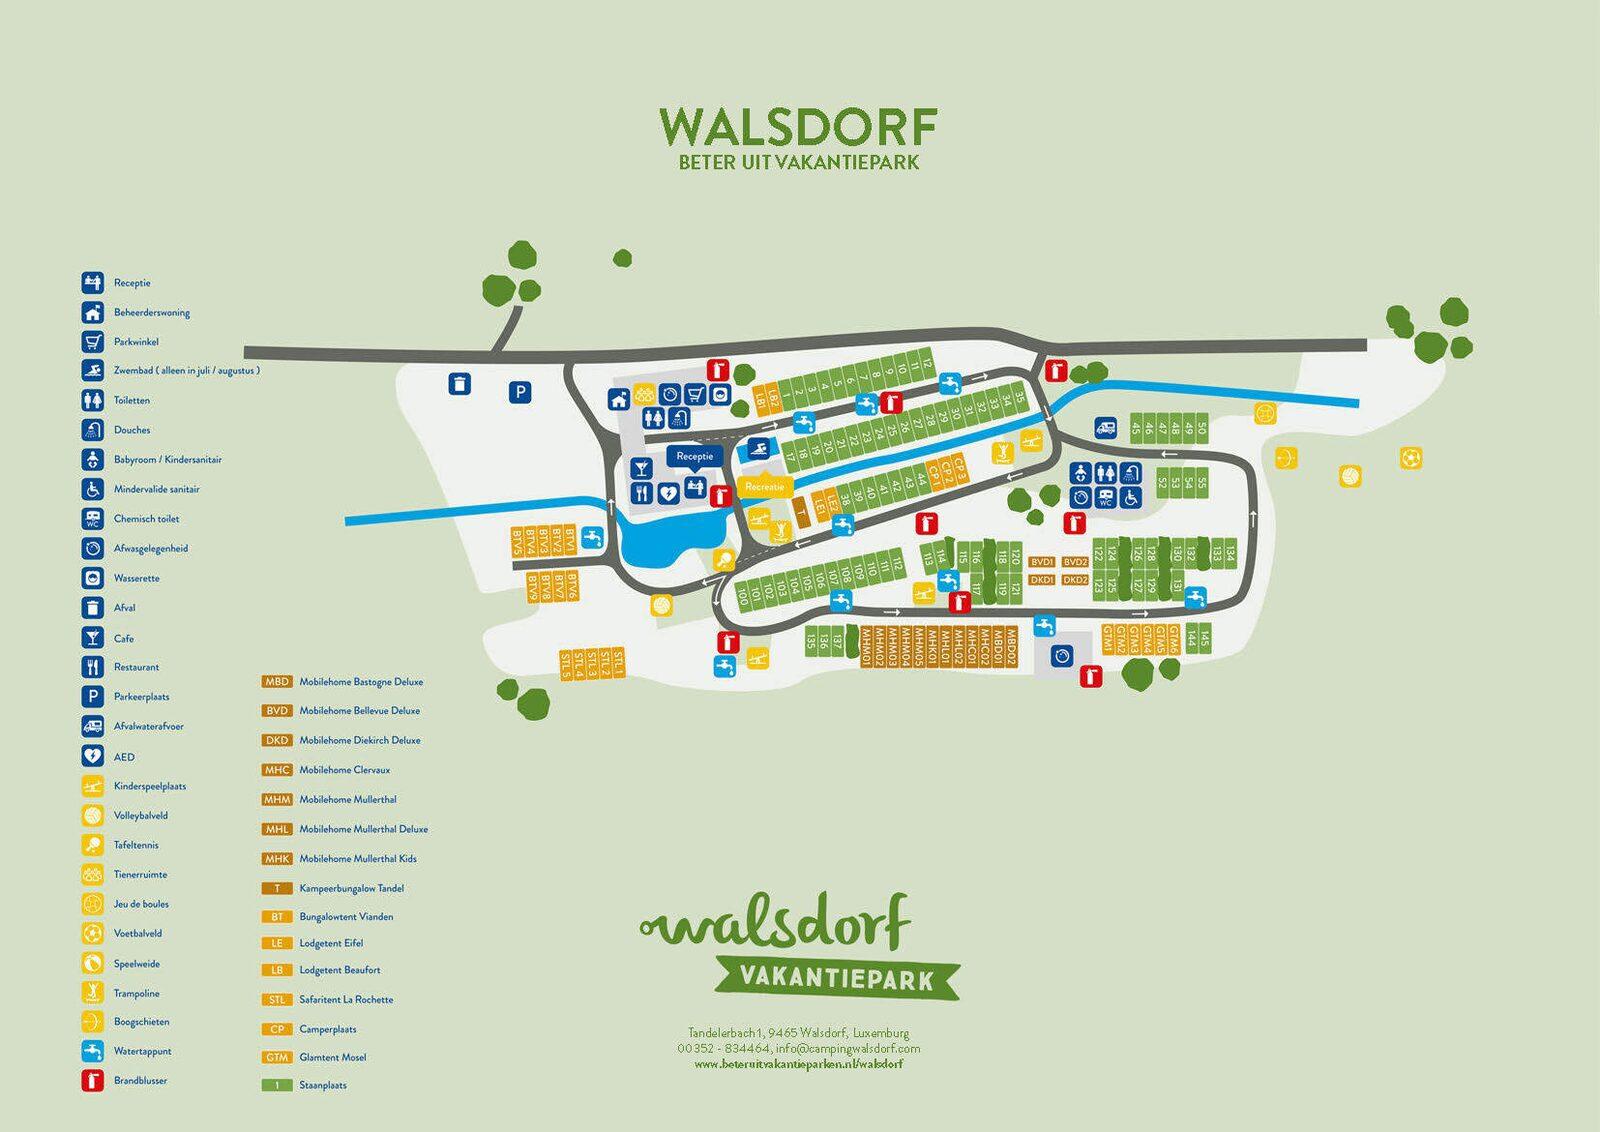 Plattegrond van Walsdorf